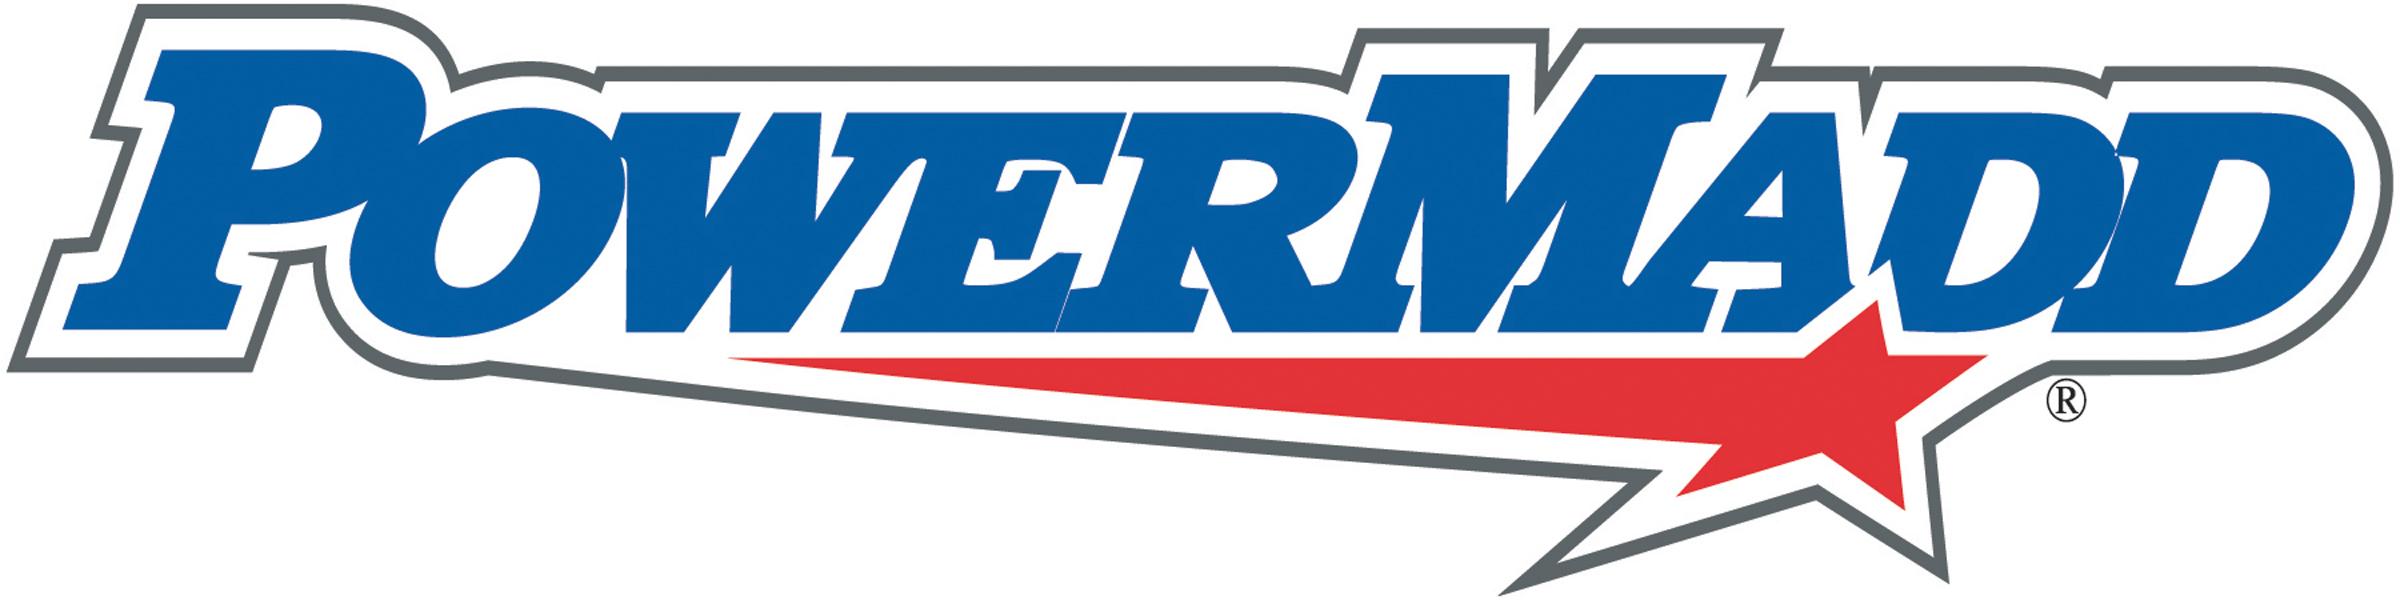 PowerMadd logo